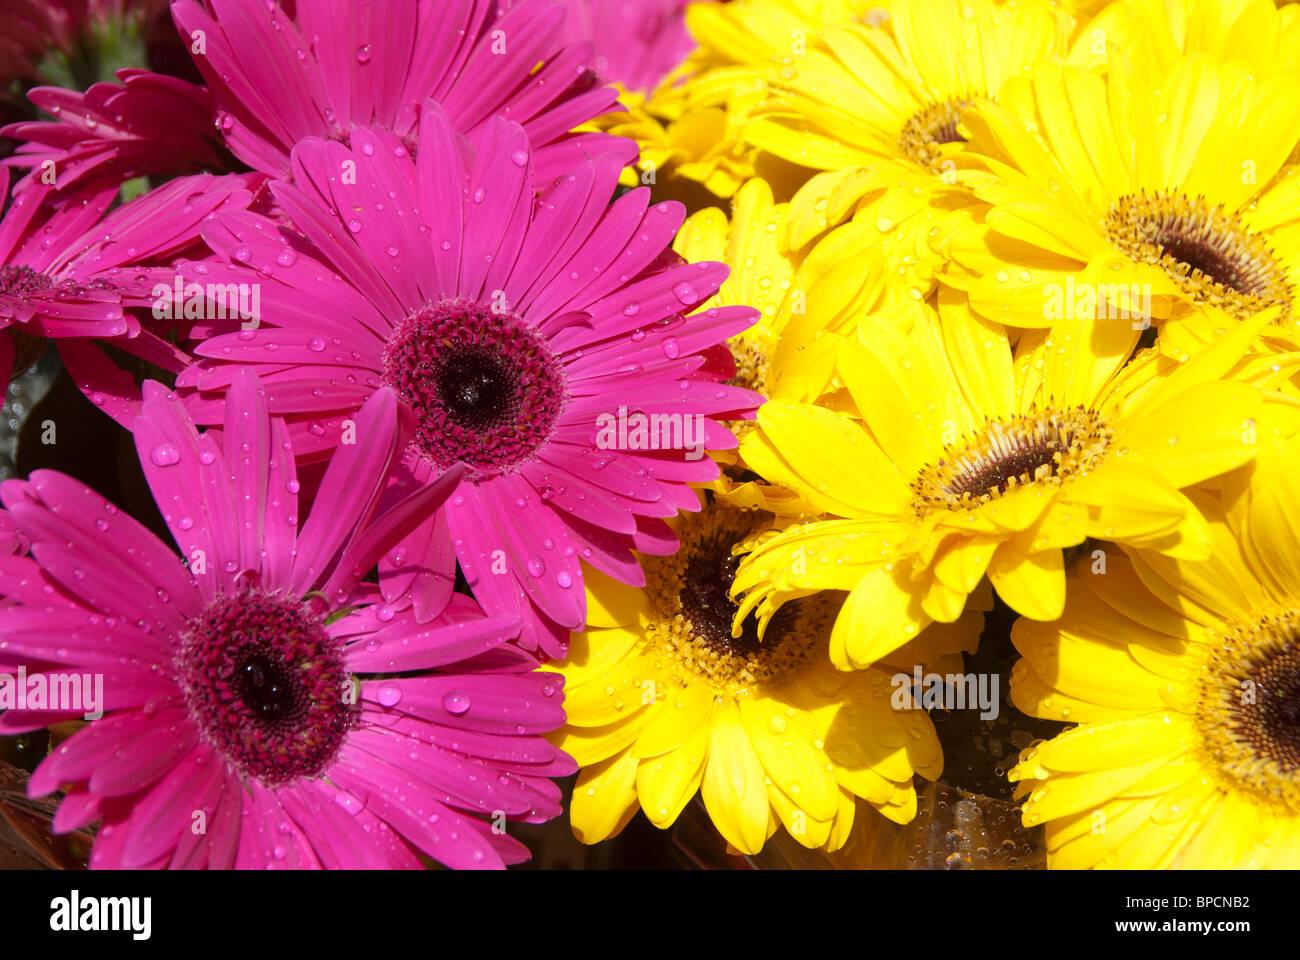 Sunday Mornings in London Sunday Morning Flower Market